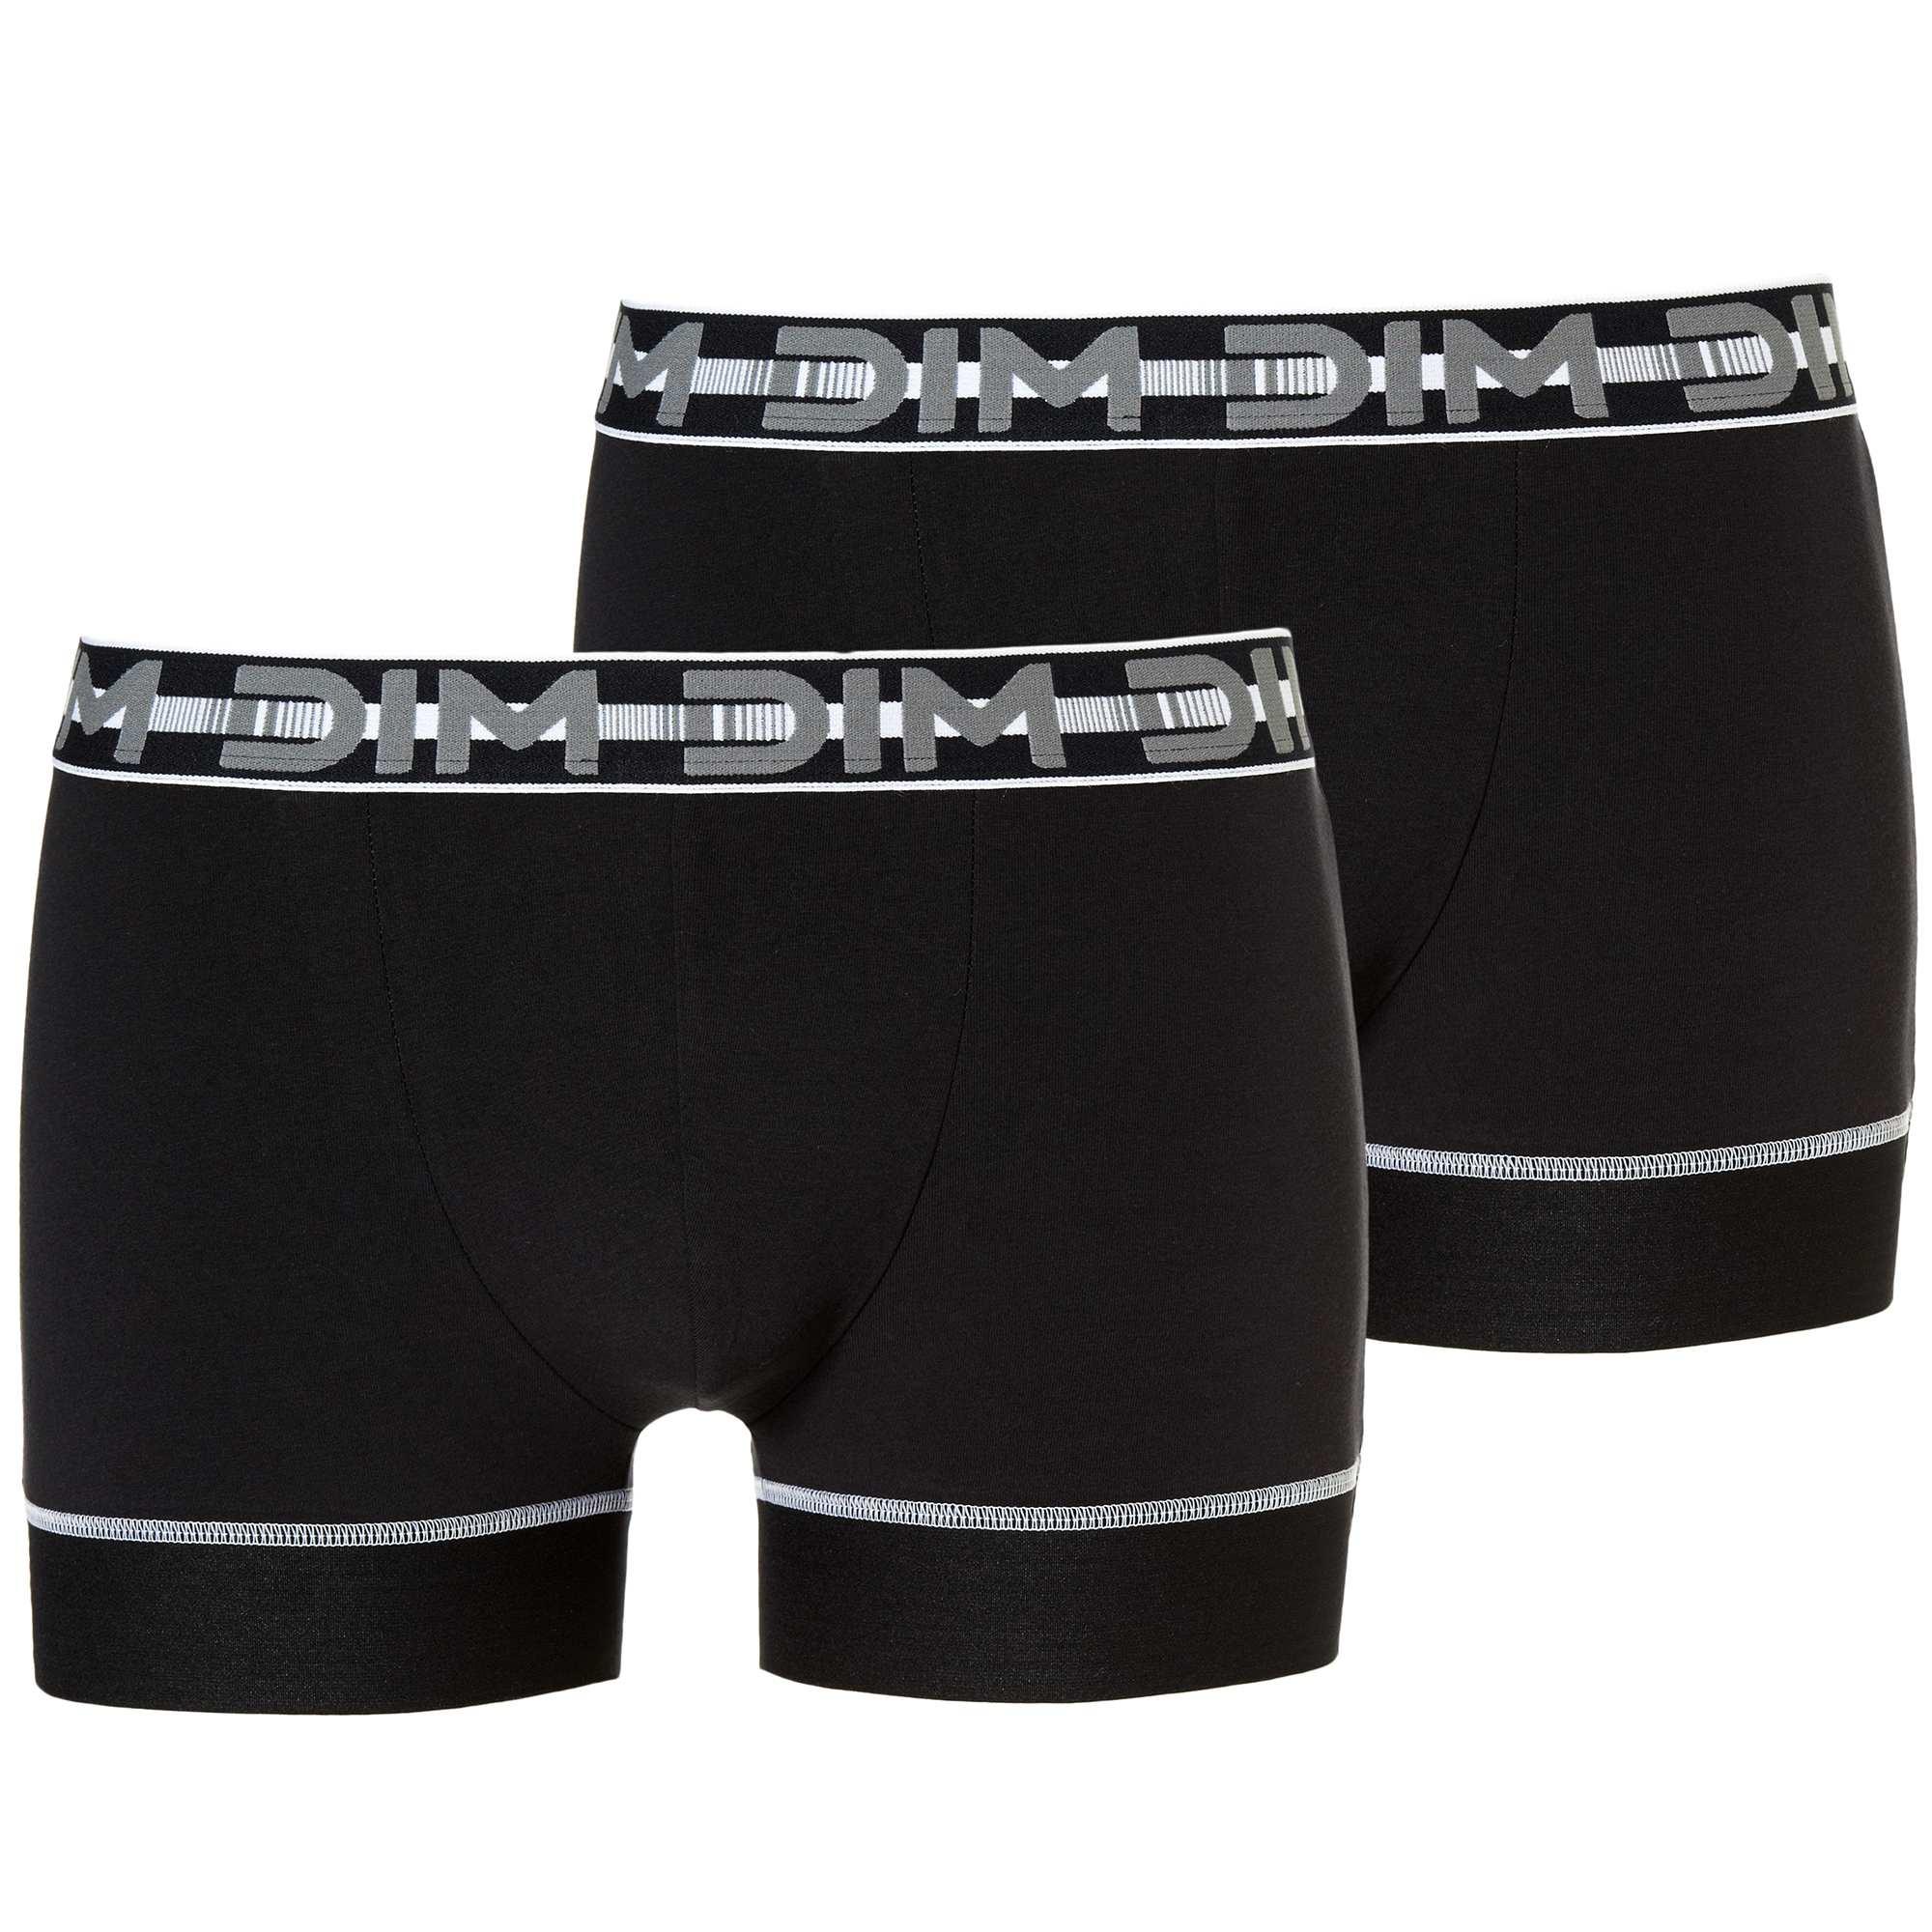 Couleur : noir, , ,, - Taille : XL, XXL, S,L,MLes boxers 'Dim' en 'Coton 3D Flex' permettent une adaptation parfaite aux mouvements